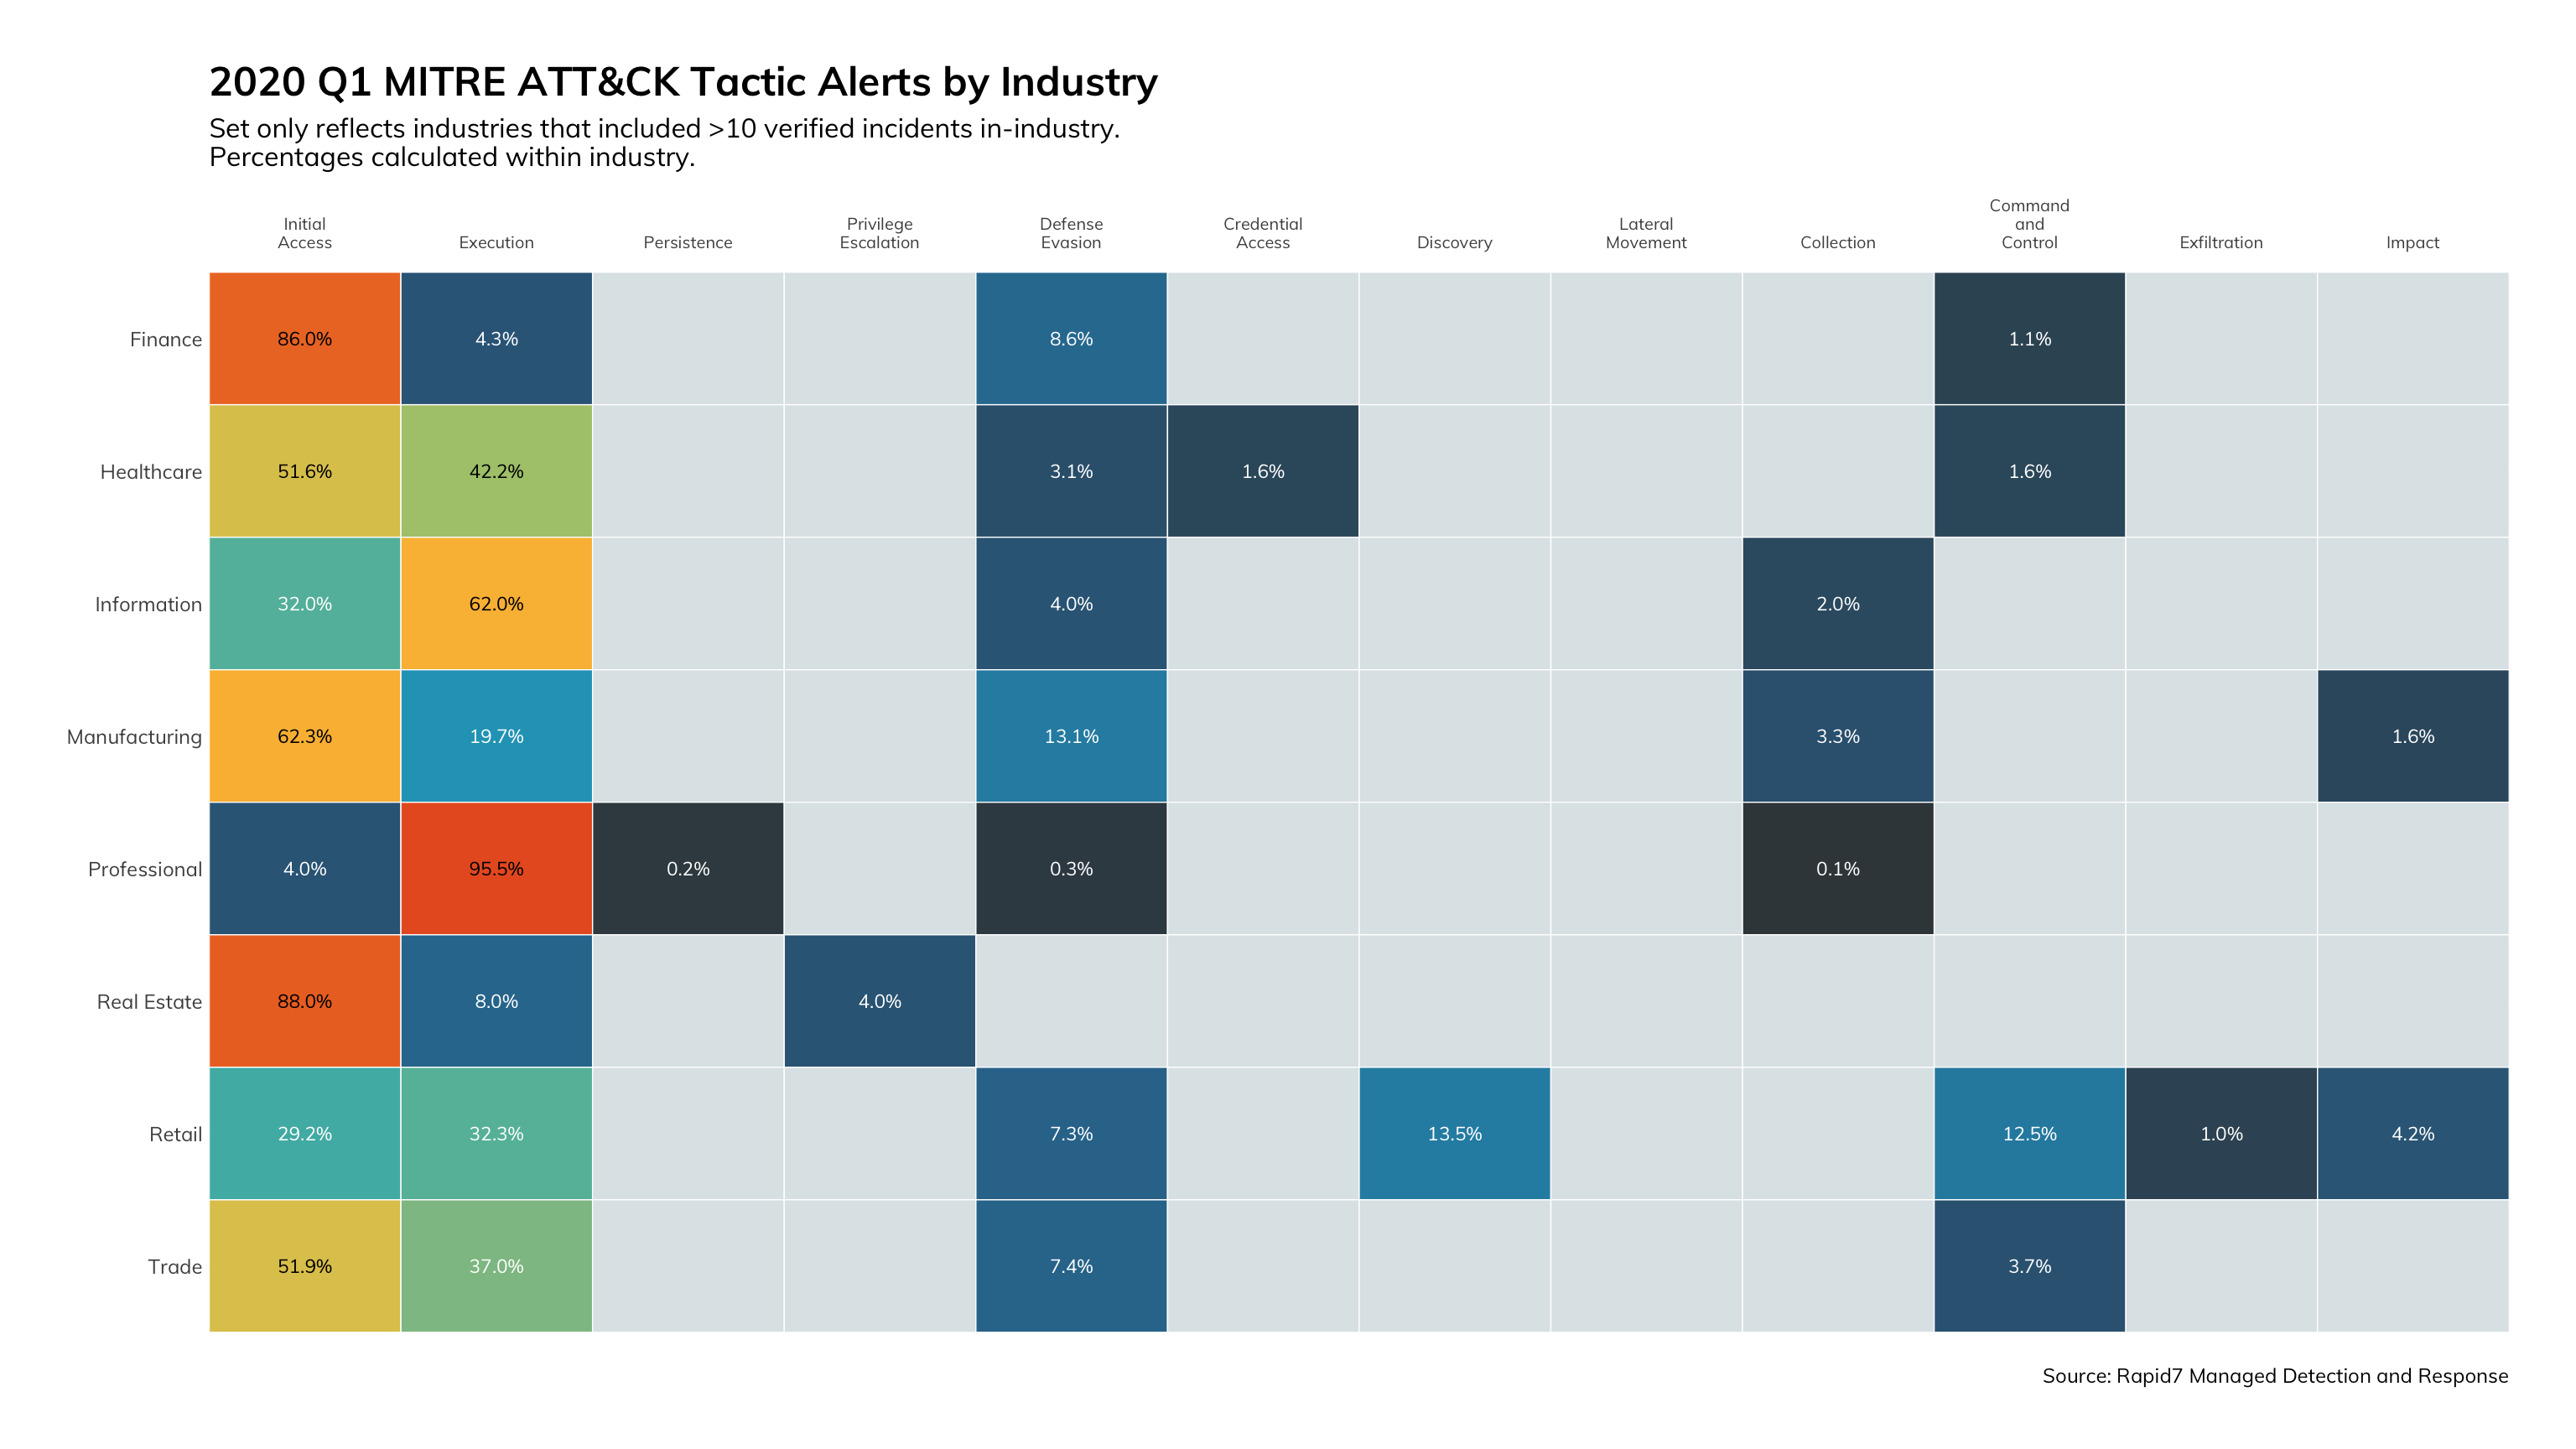 図6. 業界別のMITRE ATT&CK™戦術によるアラート数